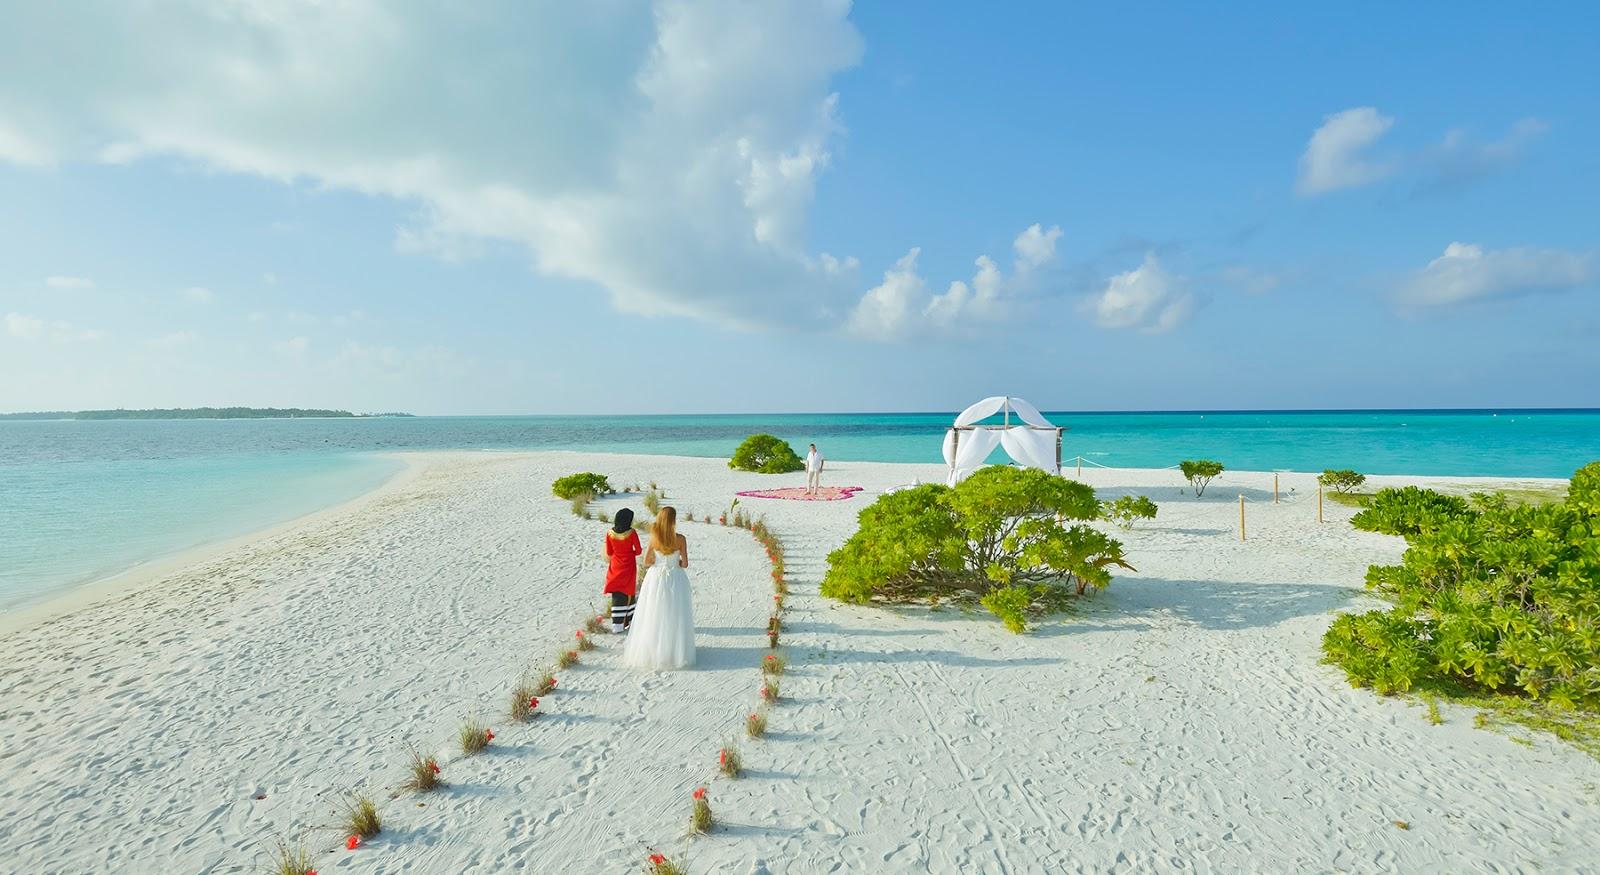 Best Budget Beach Resort In Maldives